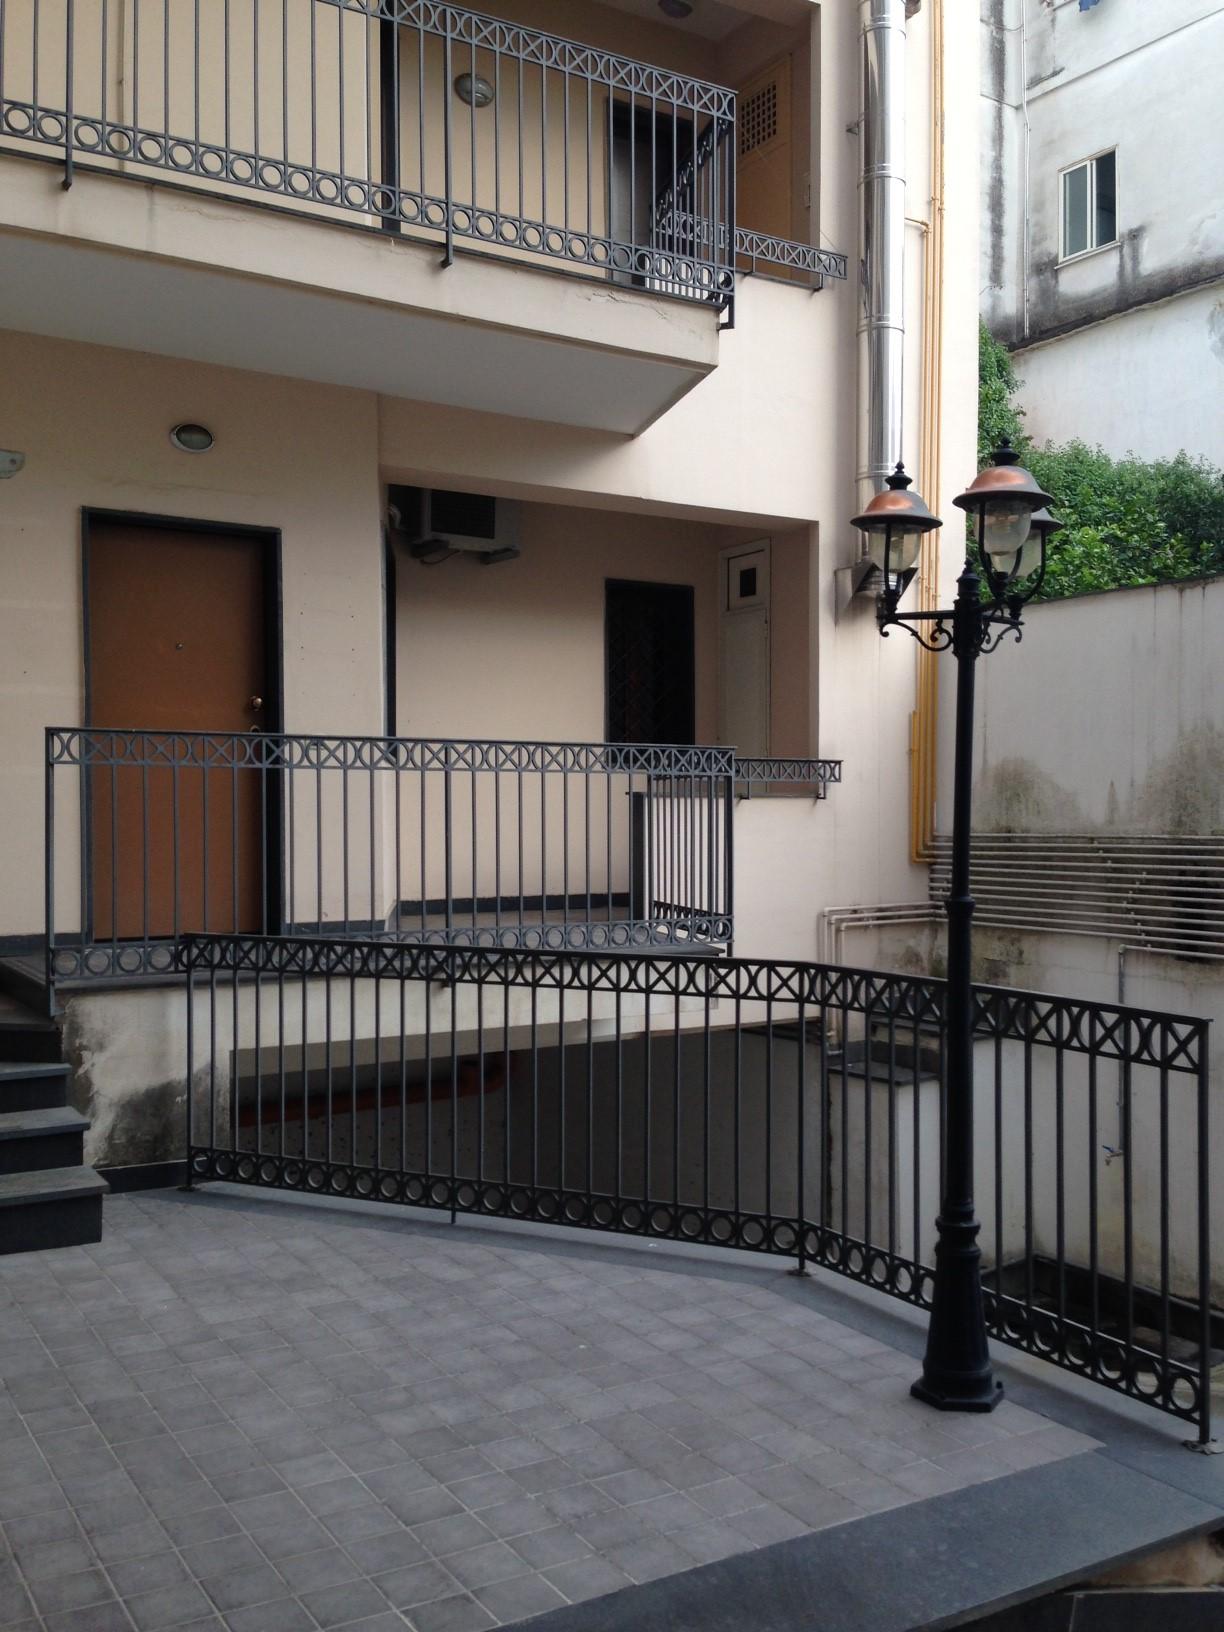 Ufficio / Studio in affitto a Marigliano, 9999 locali, prezzo € 300 | CambioCasa.it